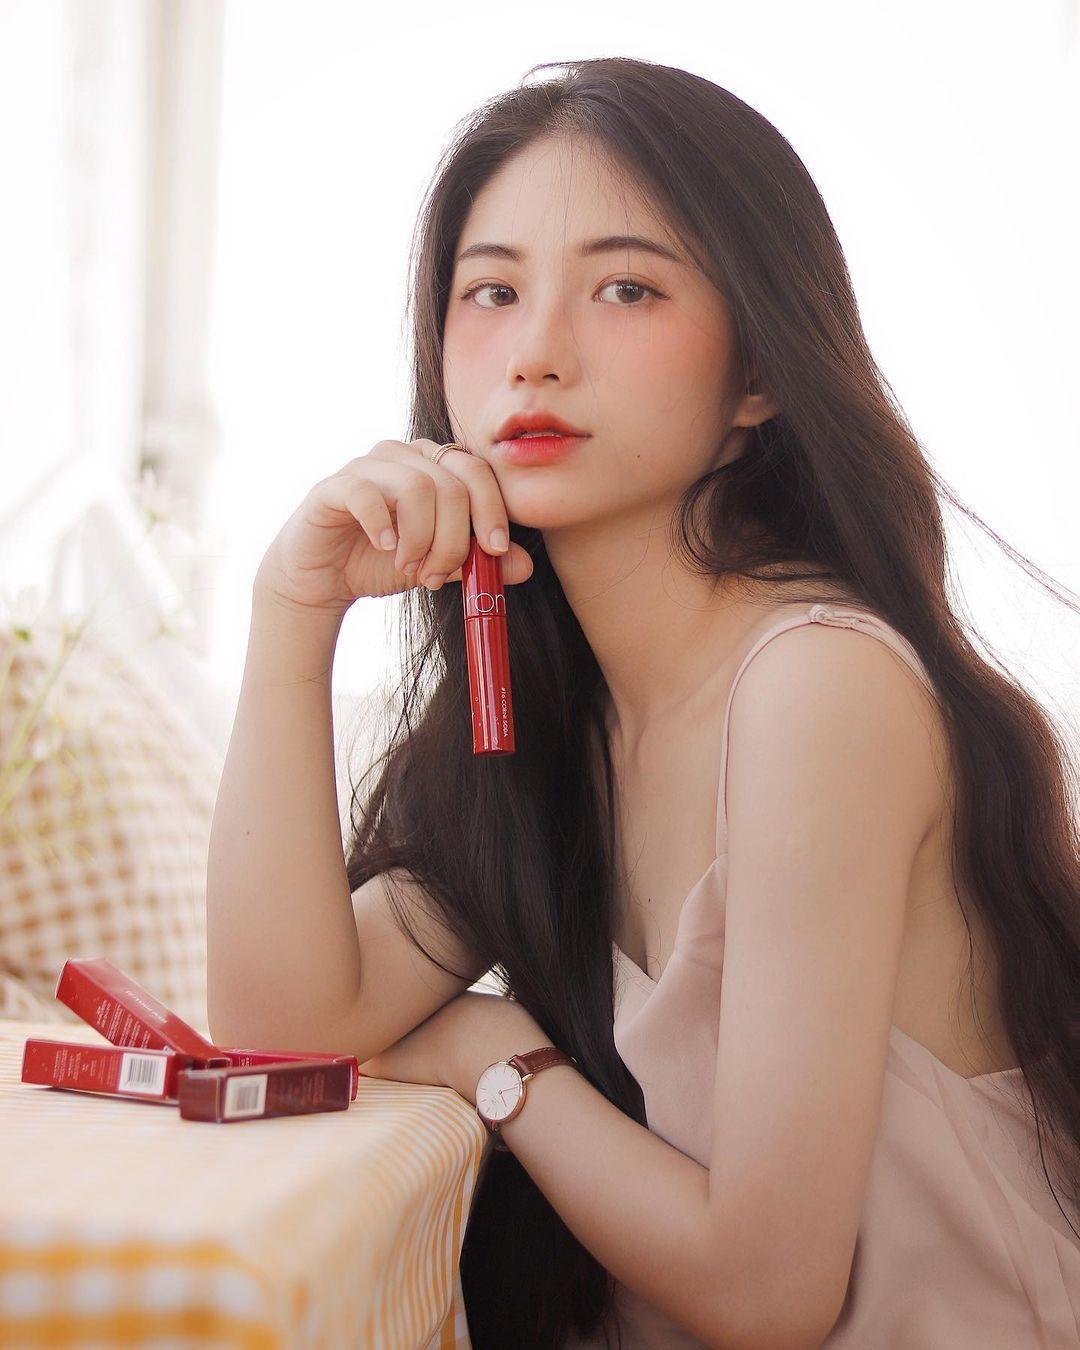 天菜越南妹「Kim Anh」迷蒙眼神仿佛随时在放电空灵气质更是无比疗愈人心 养眼图片 第28张